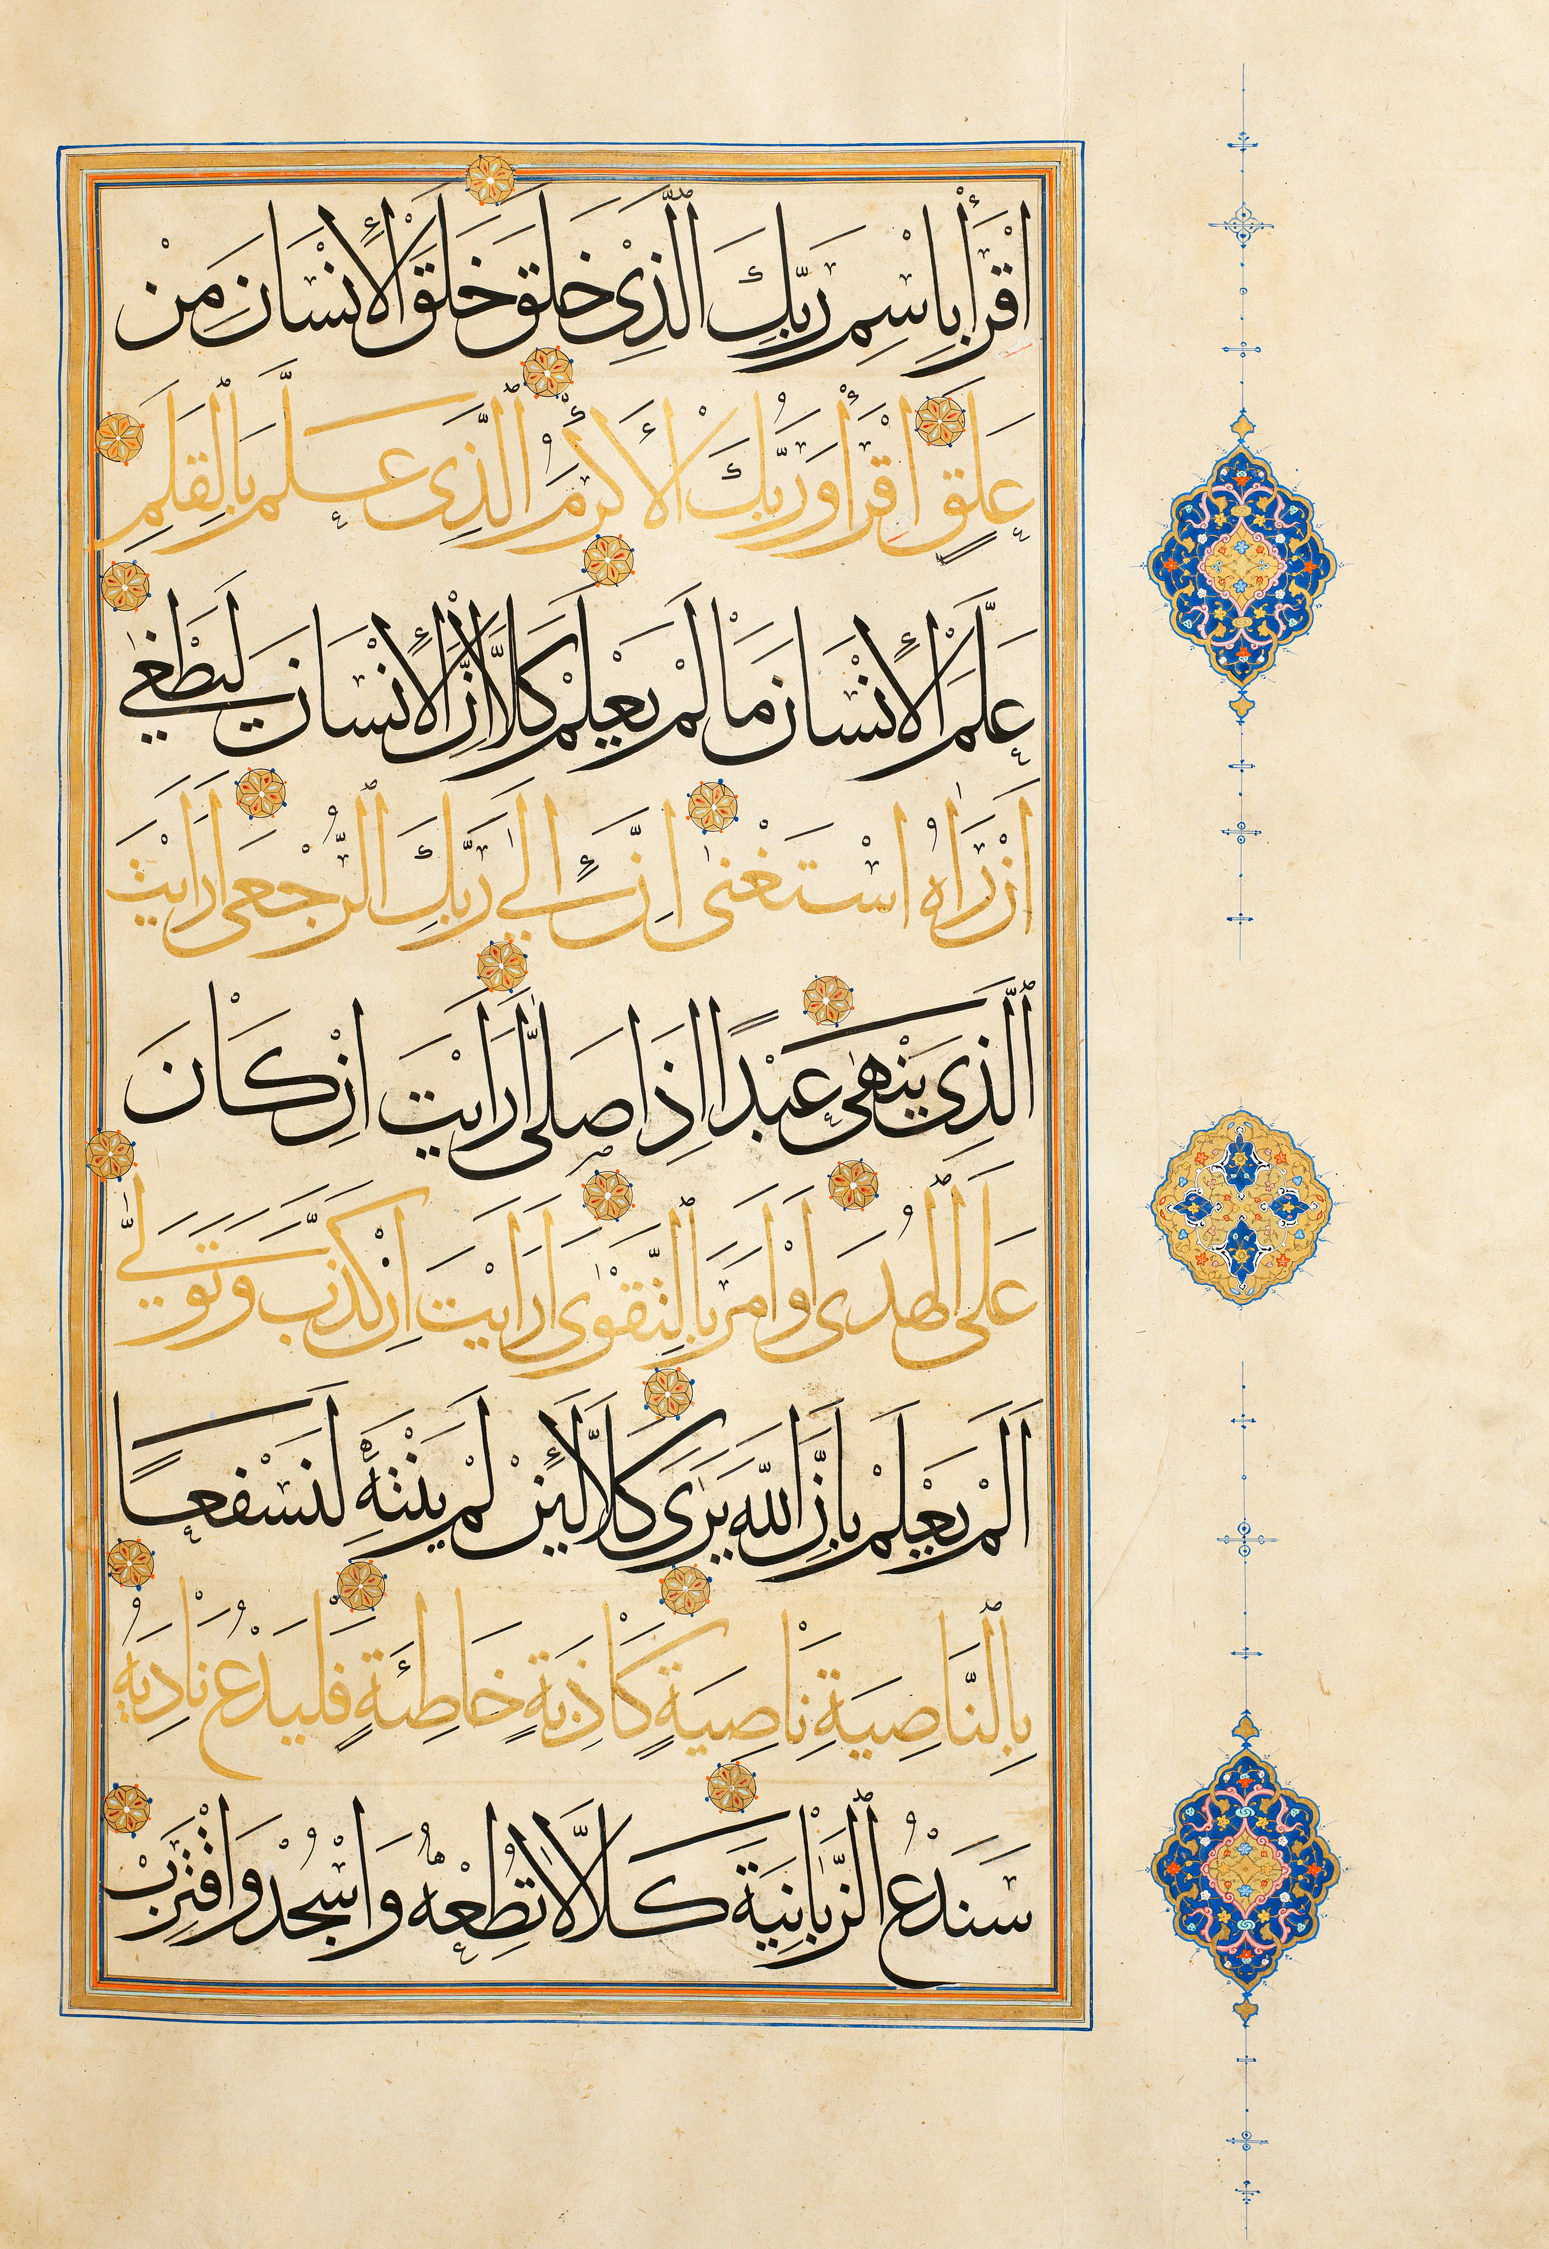 Koran copied by Khan Ahmad Sayri, Iran, Shiraz, Safavid period, 1599